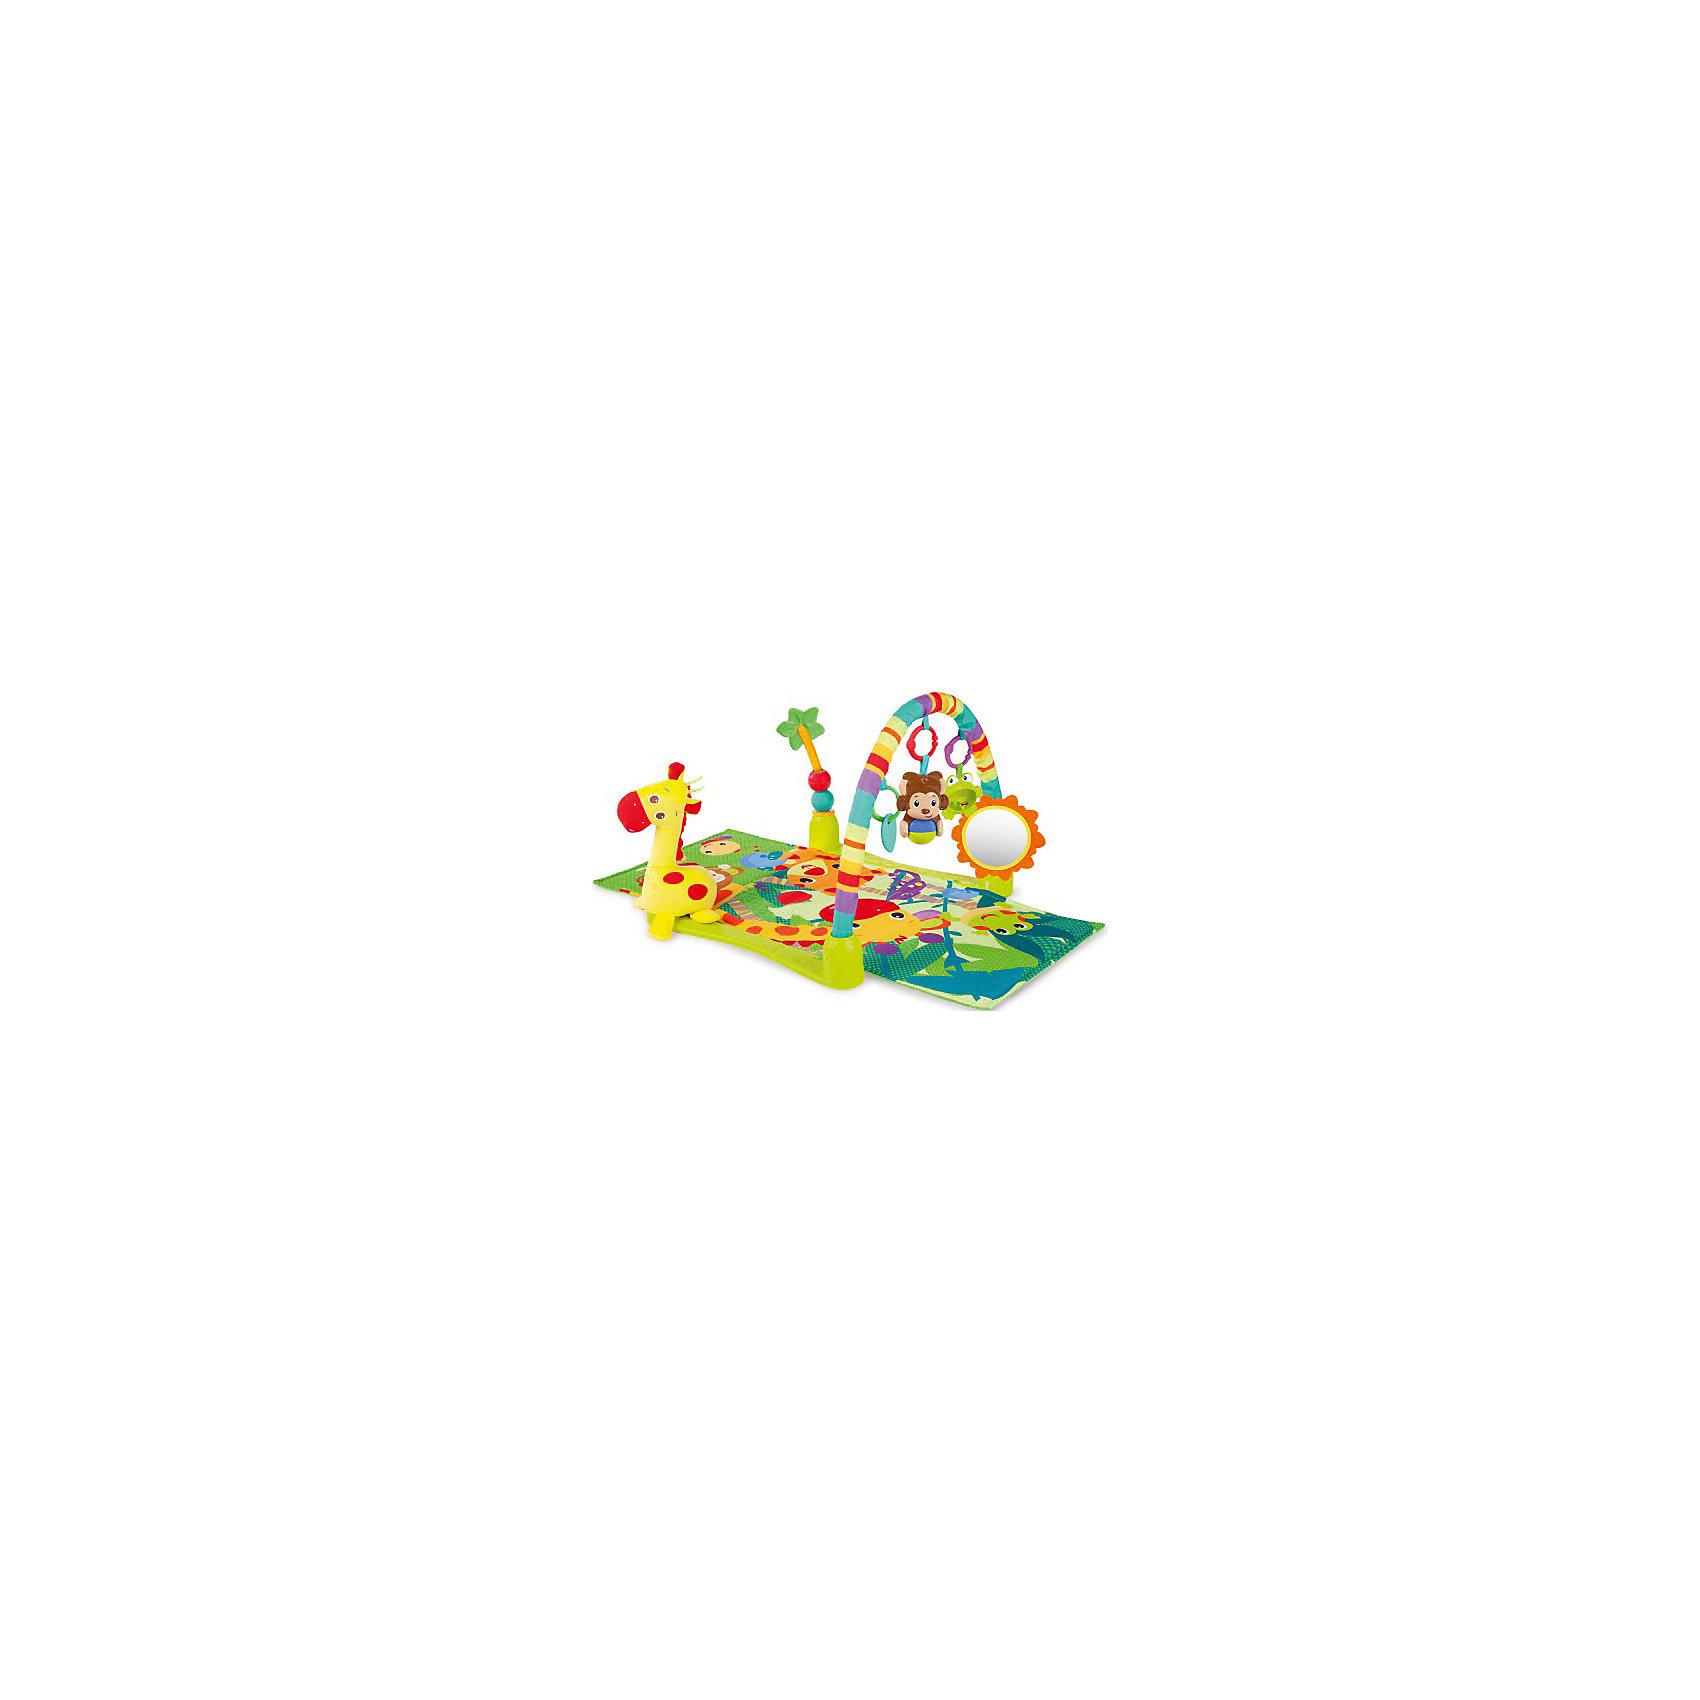 Развивающий коврик «Джунгли», Bright StartsКрасочный, развивающий коврик Джунгли, Bright Starts, надолго займет Вашего малыша и будет способствовать его физическому и интеллектуальному развитию. Коврик выполнен в ярком привлекательном дизайне со множеством занимательных для ребенка элементов. Ползая по<br>коврику, малыш с интересом будет рассматривать красочные изображения забавных африканских животных и тянуться за висящими на дуге яркими игрушками. В комплект входят большой плюшевый жираф, которого можно брать с собой в кроватку, большая пальма с передвигающимися шариками, безопасное зеркальце в виде солнышка, прорезыватель для зубов в виде листочка, музыкальная обезьянка с шариком (воспроизводит забавные звуки и мелодии) и лягушка-погремушка с бусинами в животе. Всеми игрушками можно играть отдельно, они легко крепятся к коляске или переноске.<br><br>Для детей постарше дуги можно снять и использовать коврик как удобную мягкую подстилку для игр на полу. Коврик компактно складывается, не занимает много места и удобен для переноски. Способствует развитию у малыша тактильных ощущений, навыков хватания и удерживания предметов в руке, лежа на животе, малыш учится держать голову. Можно стирать в стиральной машине.<br><br>Дополнительная информация:<br><br>- В комплекте: коврик, жираф, пальма, дуга, безопасное зеркало, 3 игрушки.<br>- Материал: текстиль, пластик.<br>- Требуются батарейки: 2 х AA.<br>- Размер коврика: 61 х 102 х 46 см.<br>- Размер упаковки: 61 х 9 х 53,5 см.<br>- Вес: 2,12 кг. <br><br>Развивающий коврик Джунгли, Bright Starts, можно купить в нашем интернет-магазине.<br><br>Ширина мм: 612<br>Глубина мм: 539<br>Высота мм: 122<br>Вес г: 2117<br>Возраст от месяцев: 0<br>Возраст до месяцев: 36<br>Пол: Унисекс<br>Возраст: Детский<br>SKU: 4637840